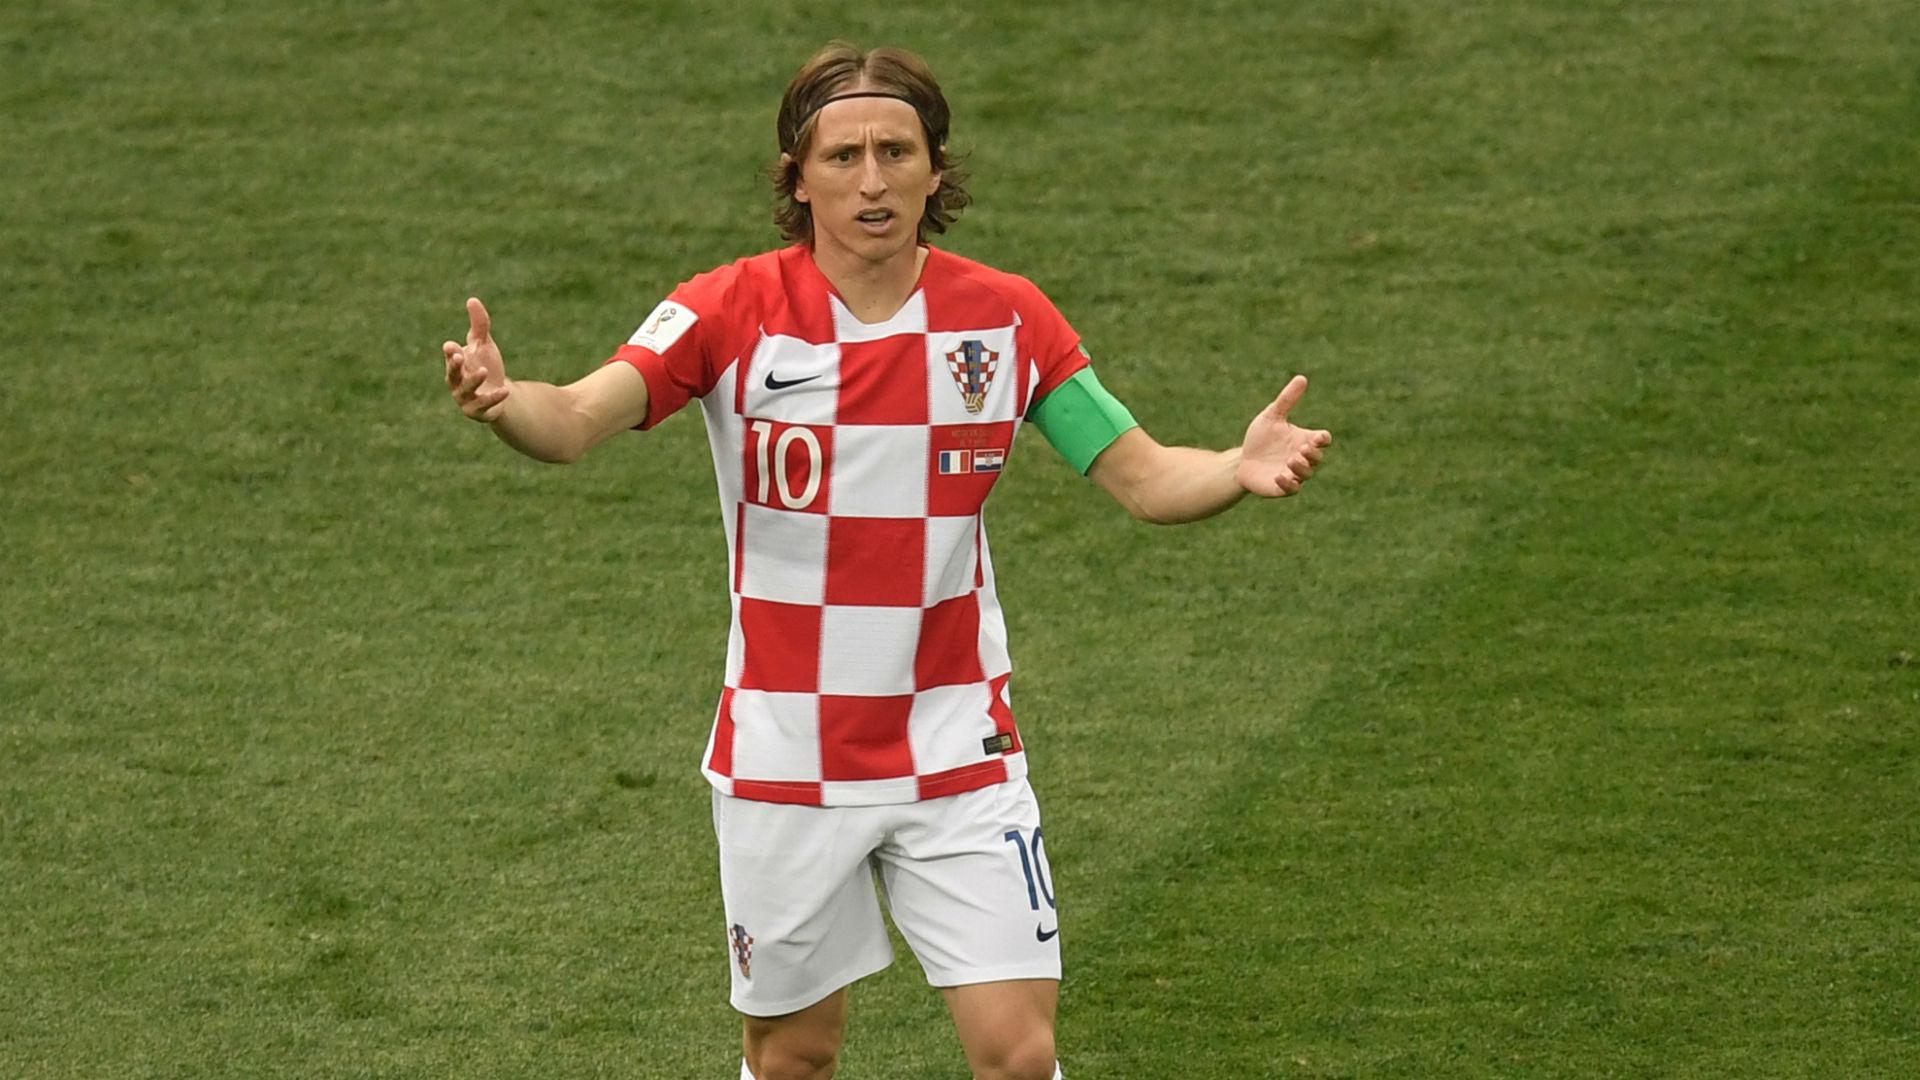 finest selection 1b3dd a9b85 Video: Luka Modric - Golden Ball Winner | Goal.com